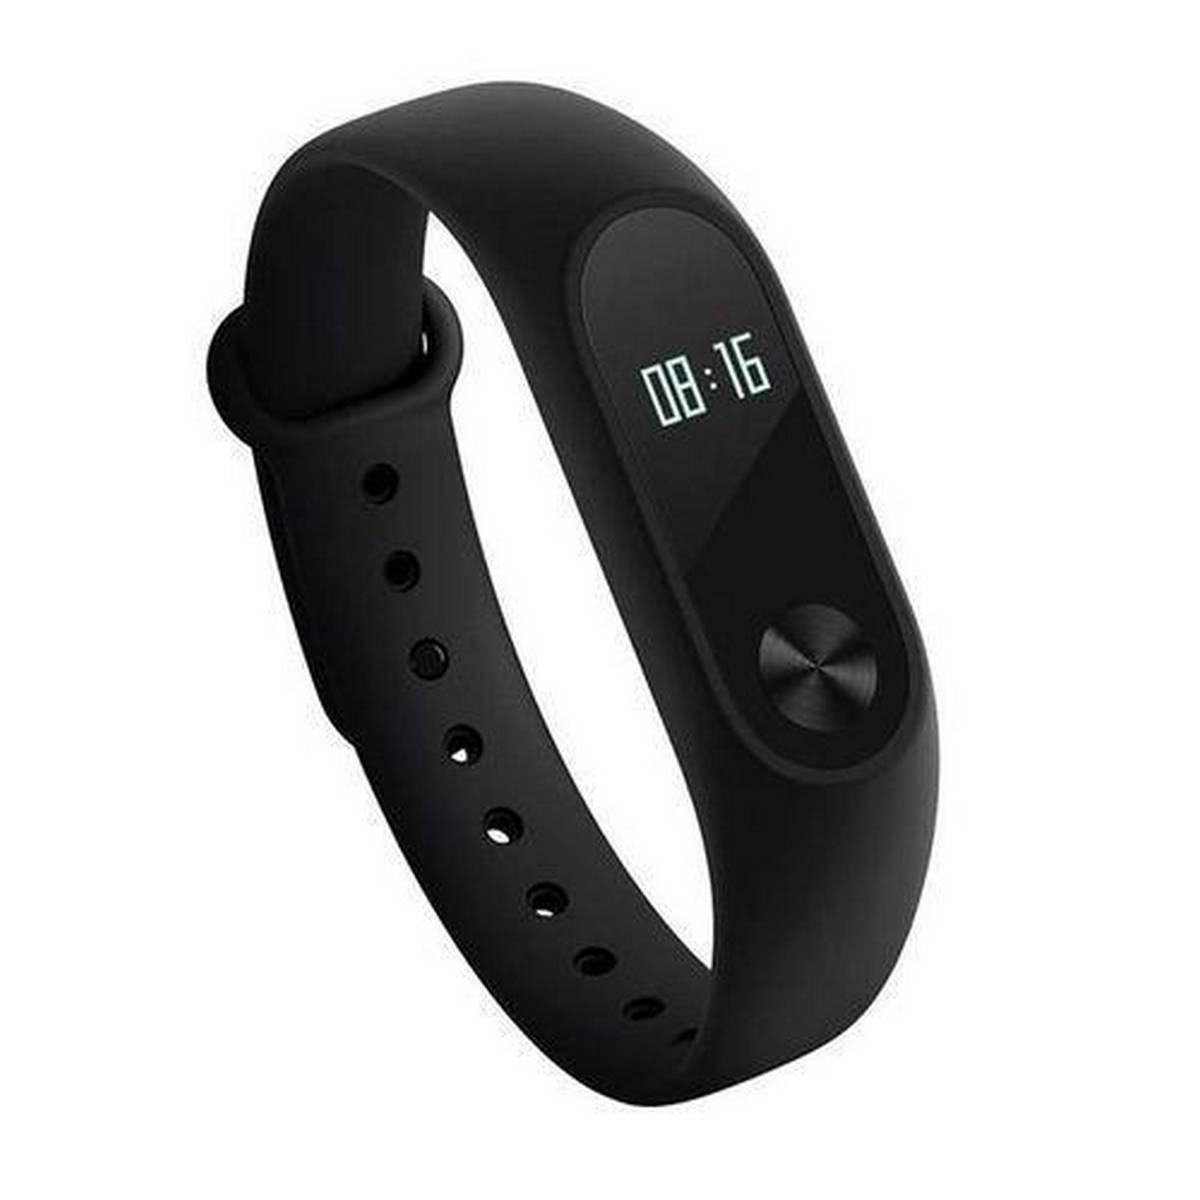 Bundle Pack - Multicolour Rubber LED Digital Wrist Watch For Men